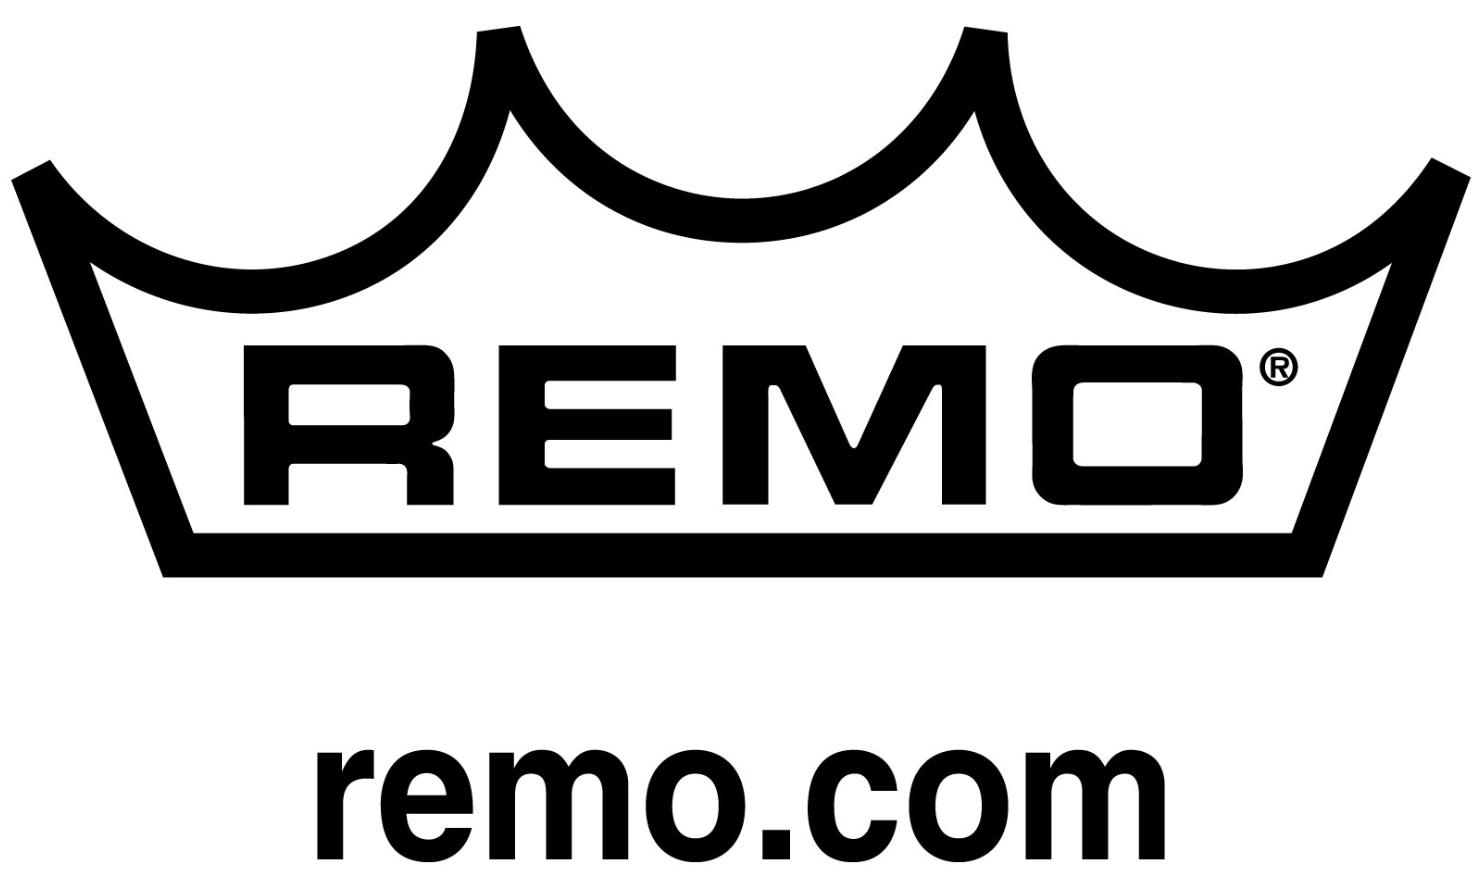 remo.com